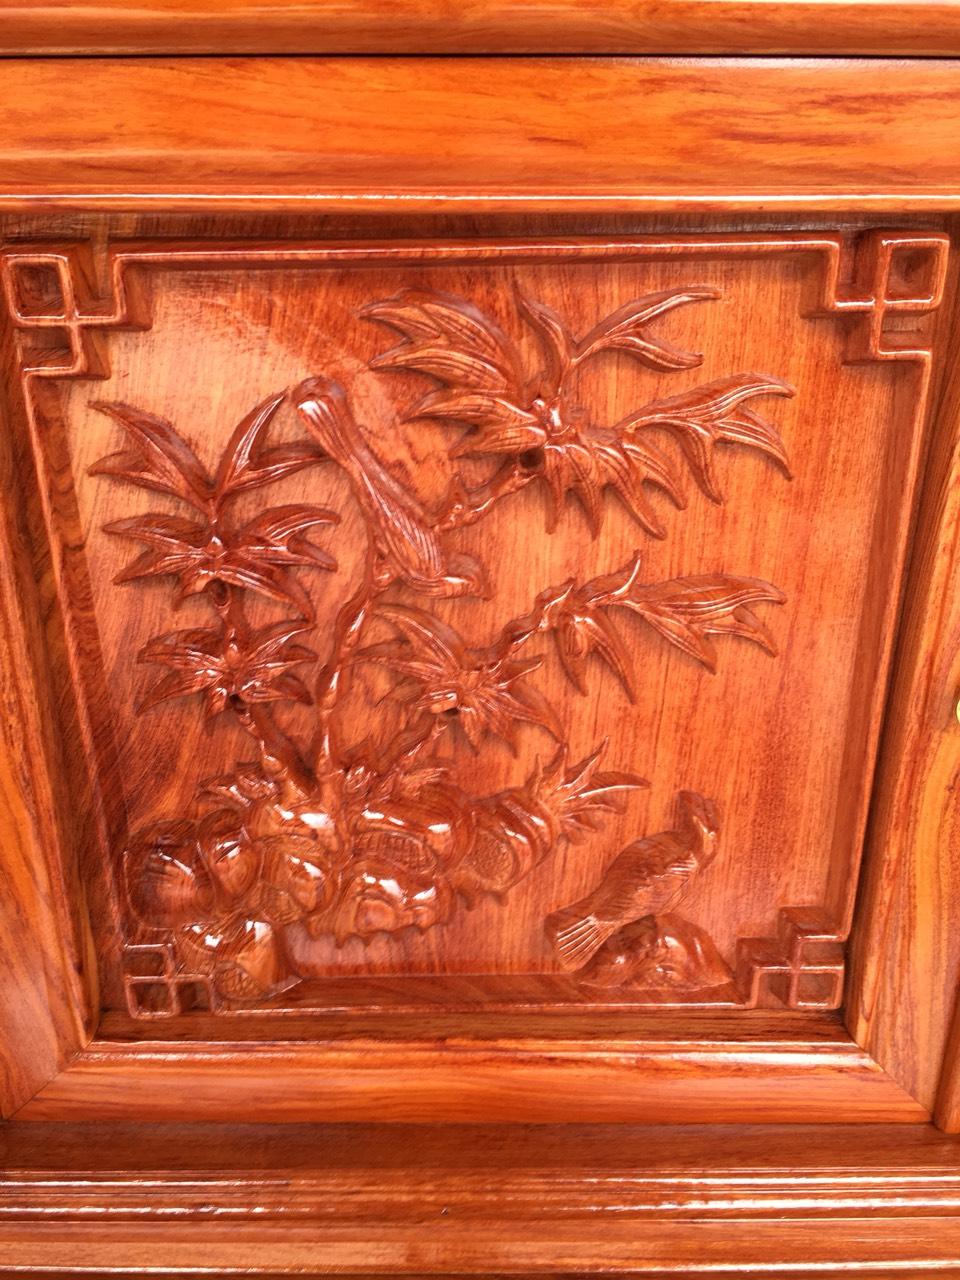 ke tivi go huong canh 25 - Kệ tivi cột nho gỗ hương đá dài 2m2 (cánh dày 2.5 phân)